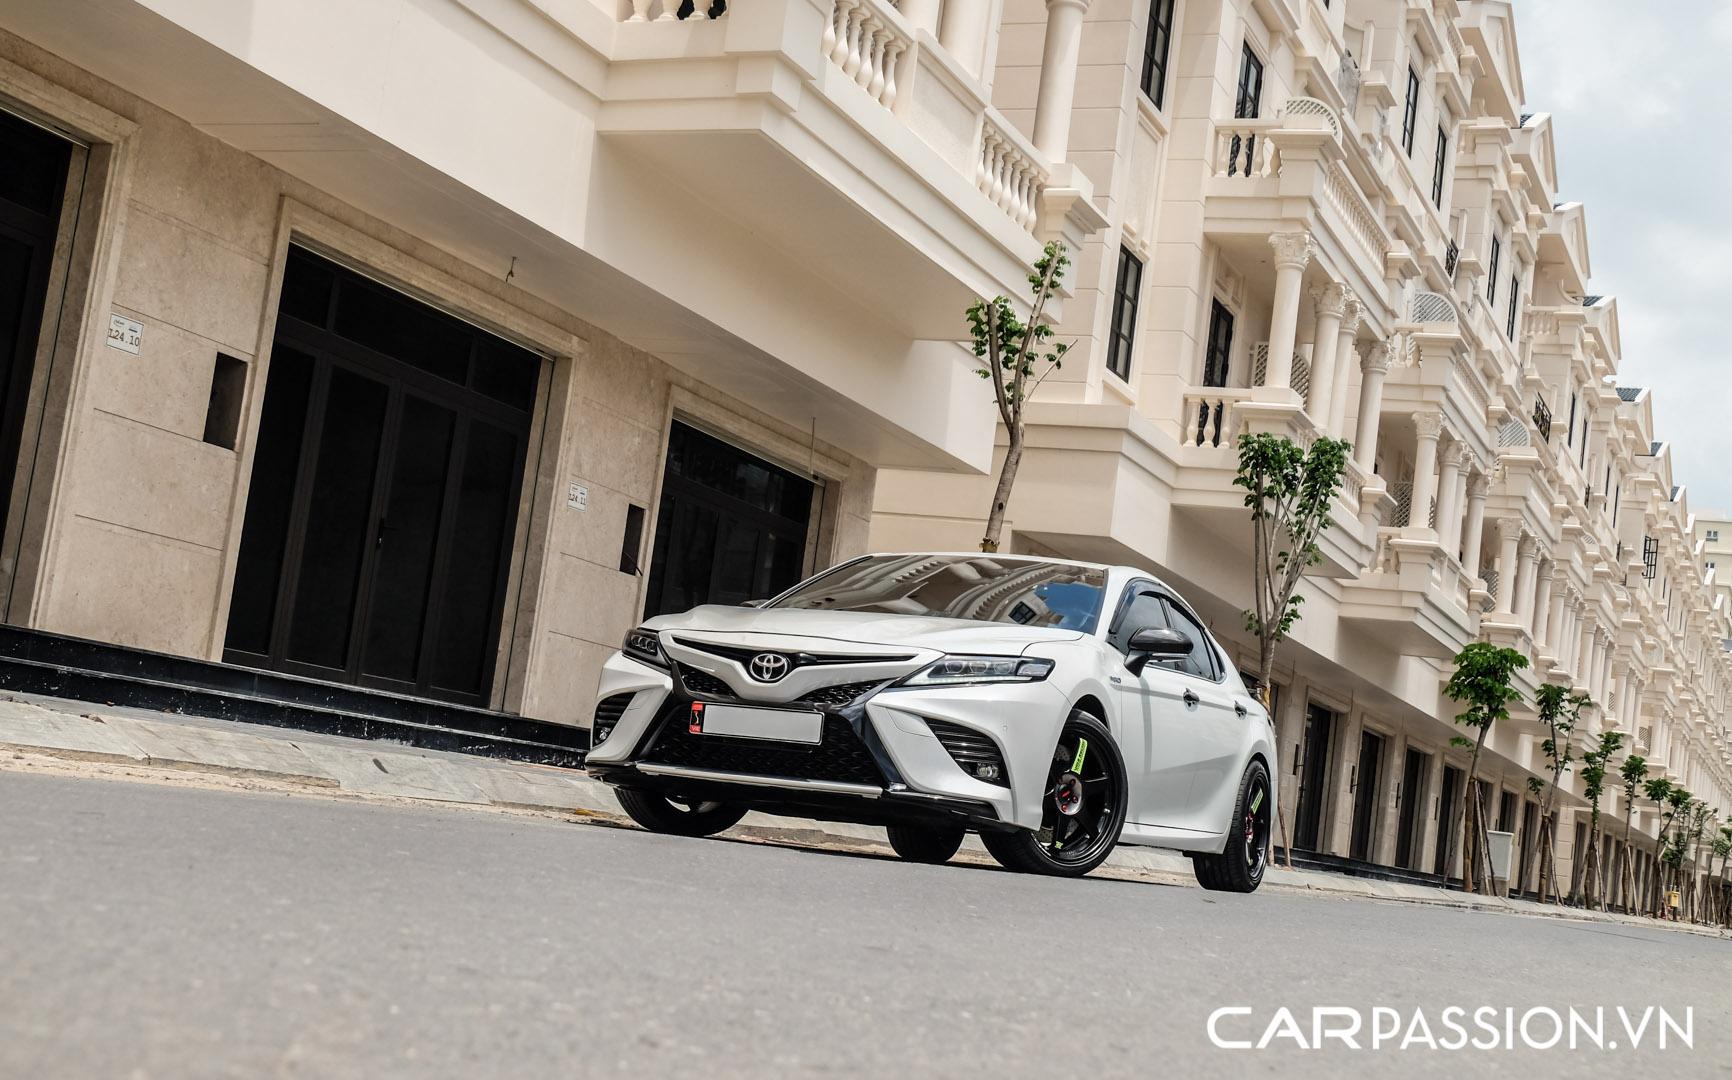 CP-Toyota Camry độ (6).jpg